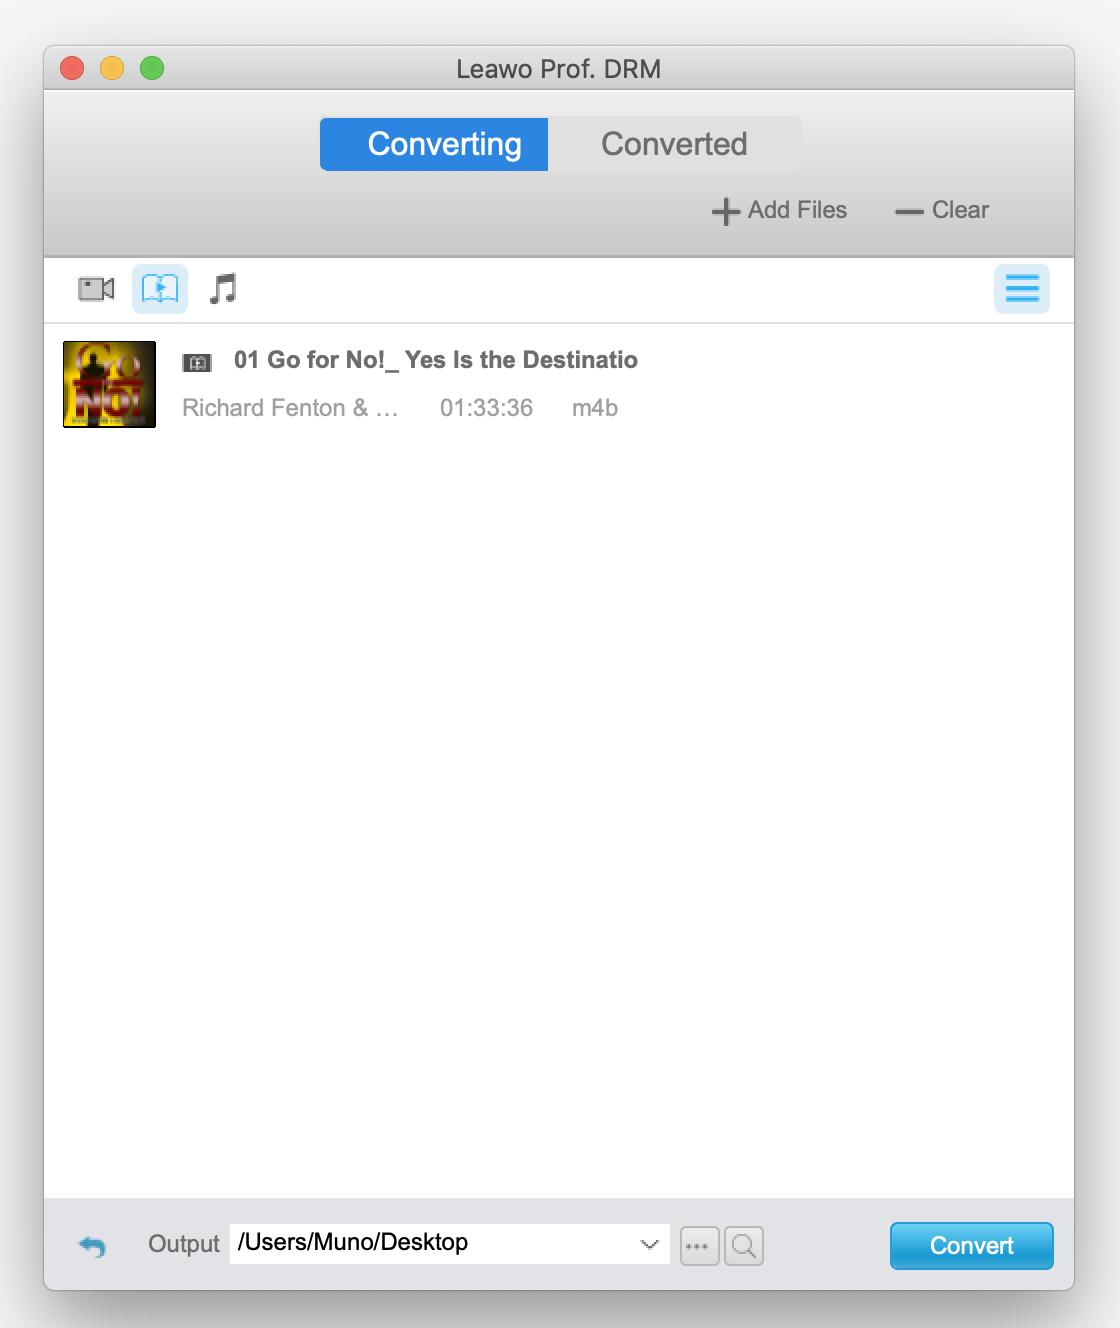 Leawo-prof-setting-output-folder